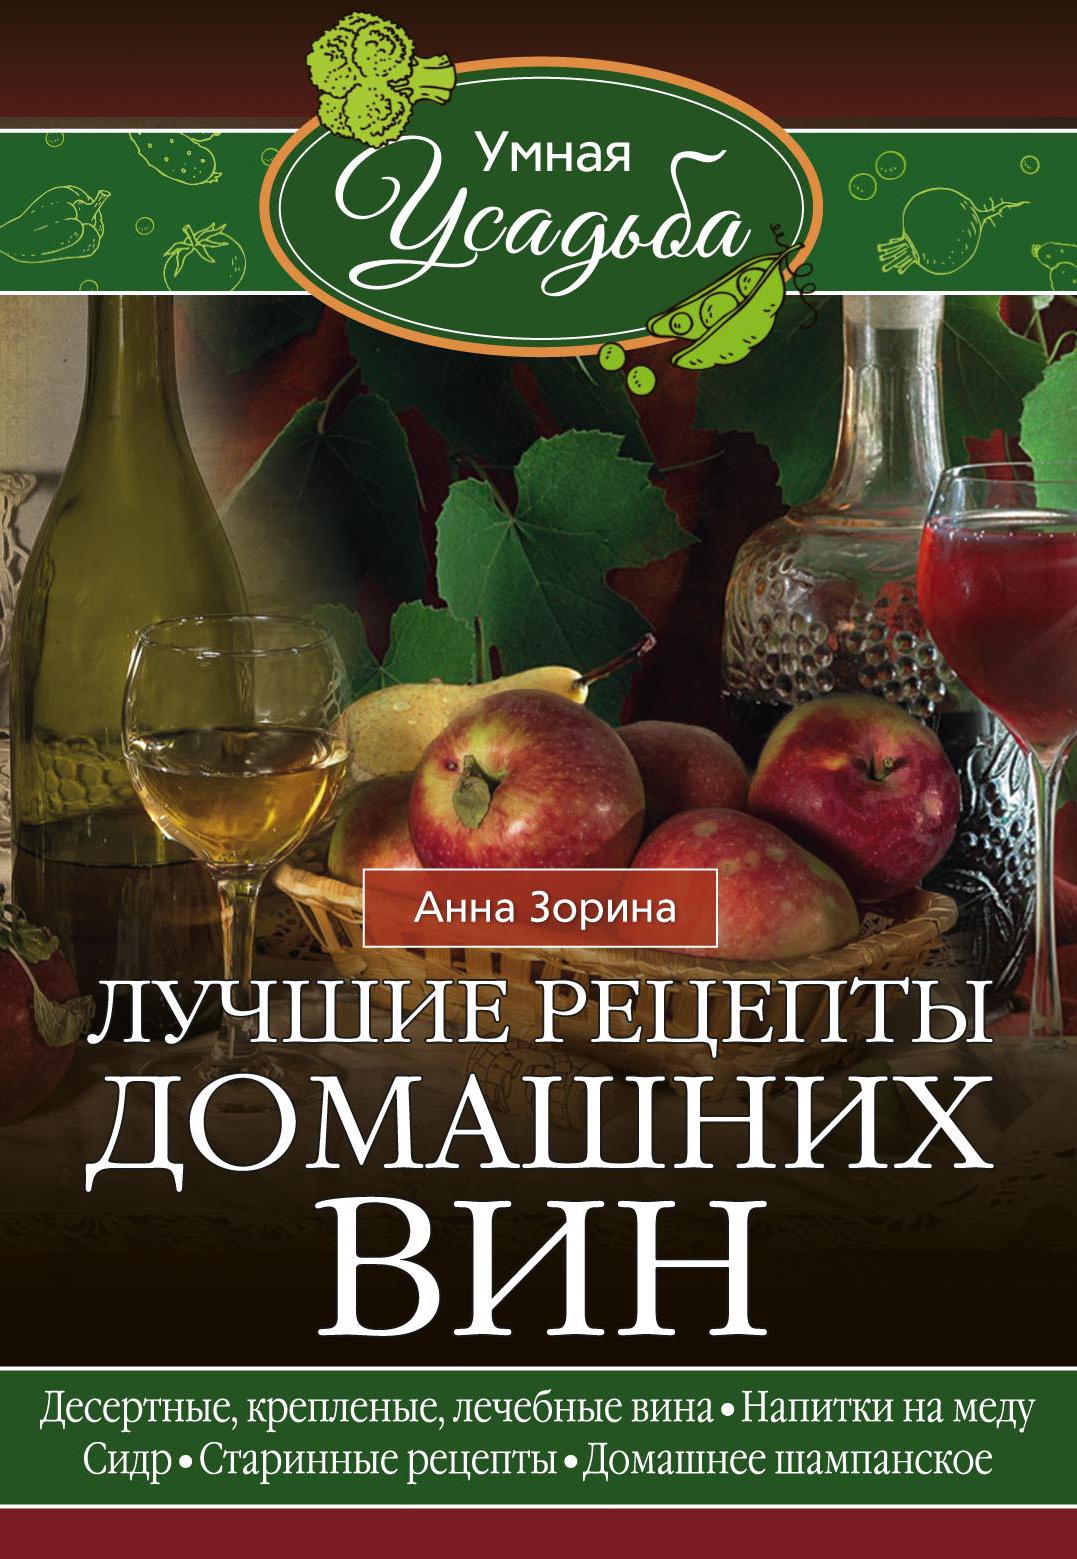 Лучшие рецепты домашних вин. Десертные, крепленые, лечебные вина, напитки на меду, сидр, старинные рецепты, домашнее шампанское